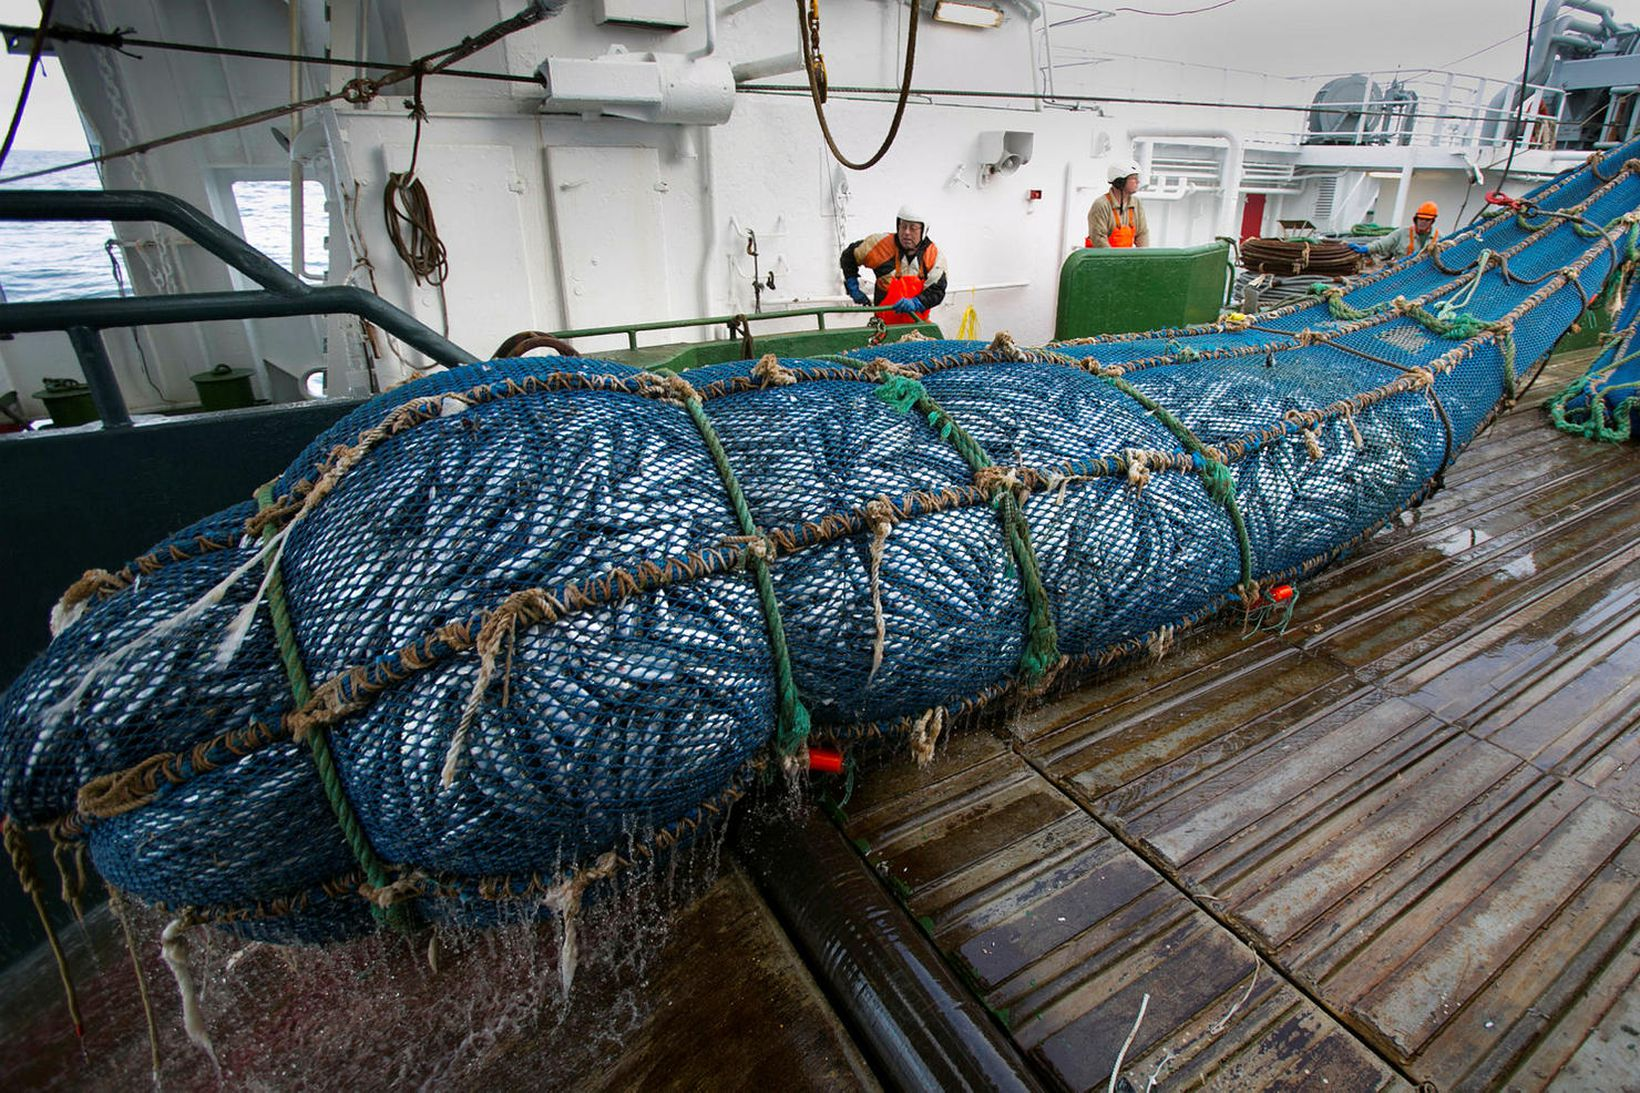 Uppsjávarskipin voru með rúmlega heildarafla íslenska flotans í fyrra. Uppsjávaraflinn …